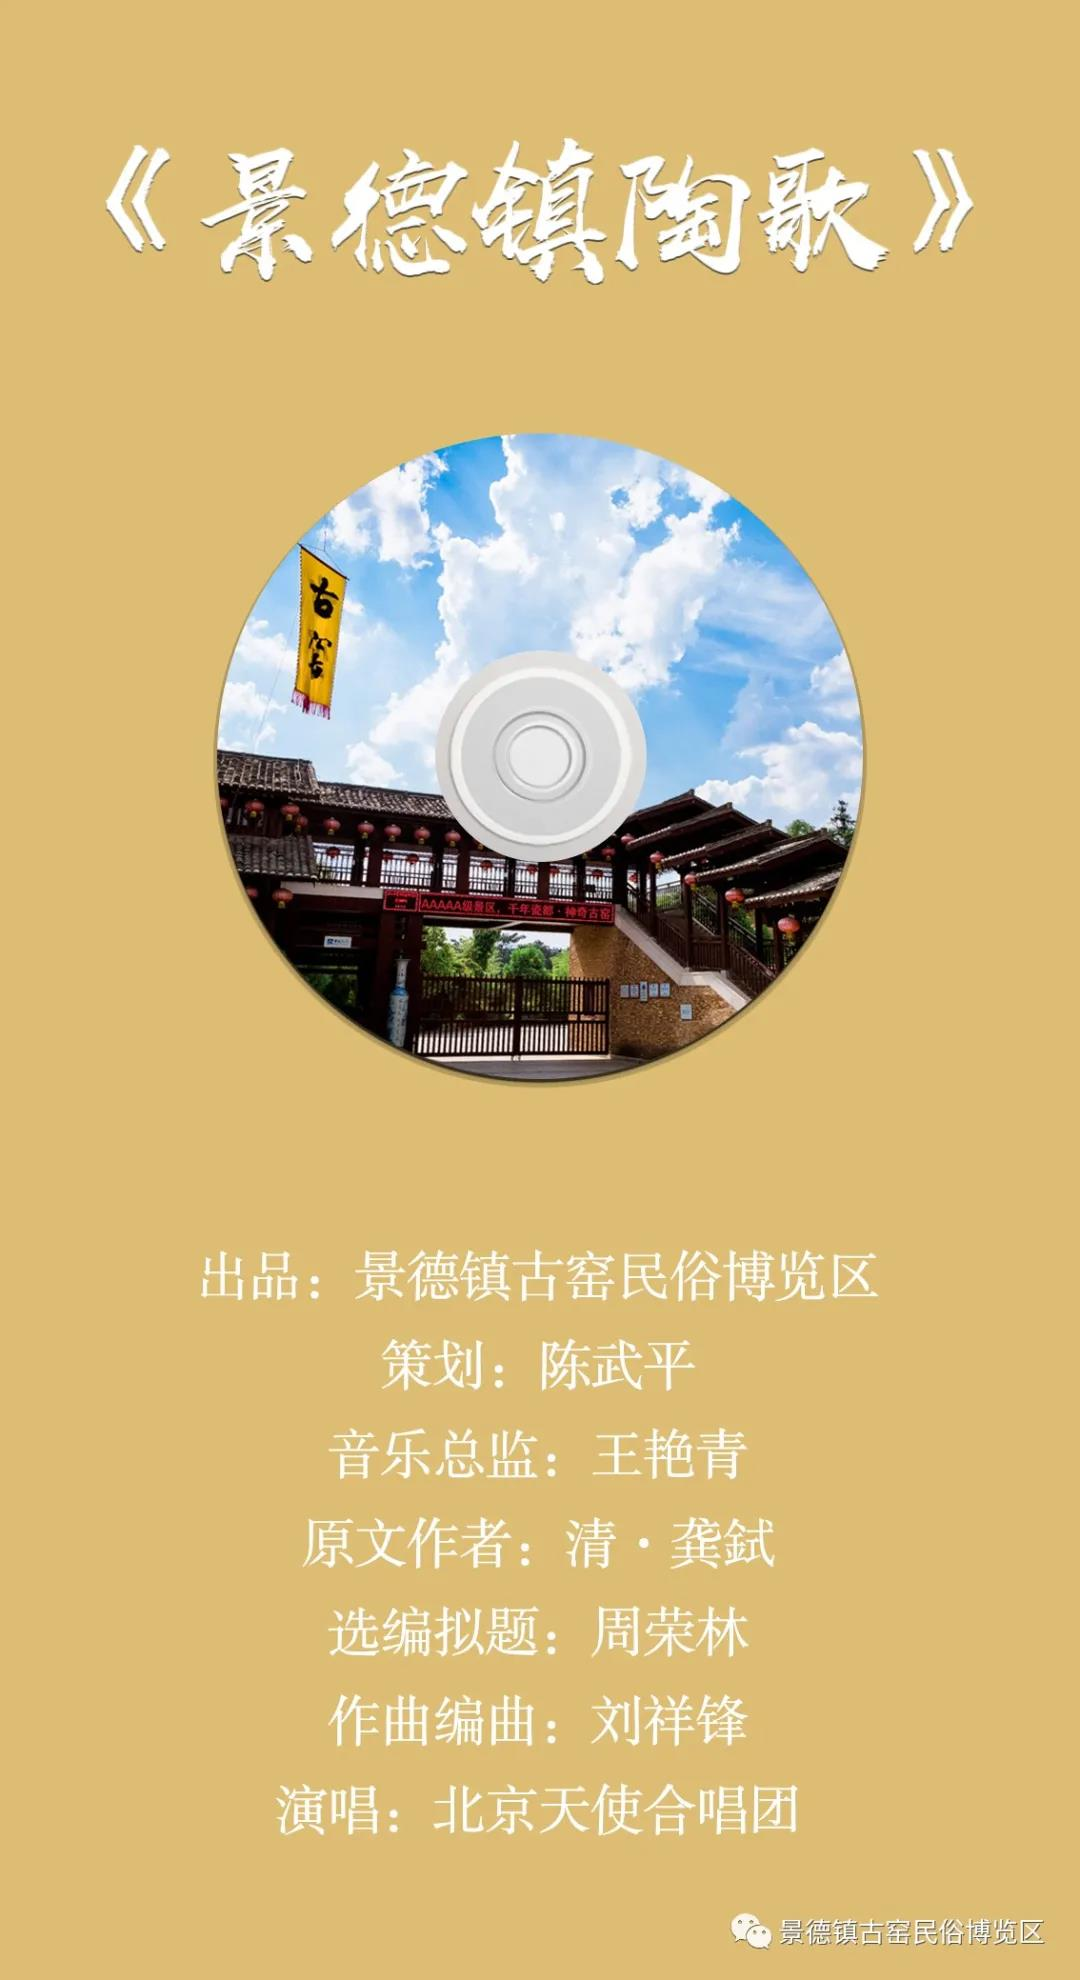 2021年新歌发布―《景德镇陶歌》来